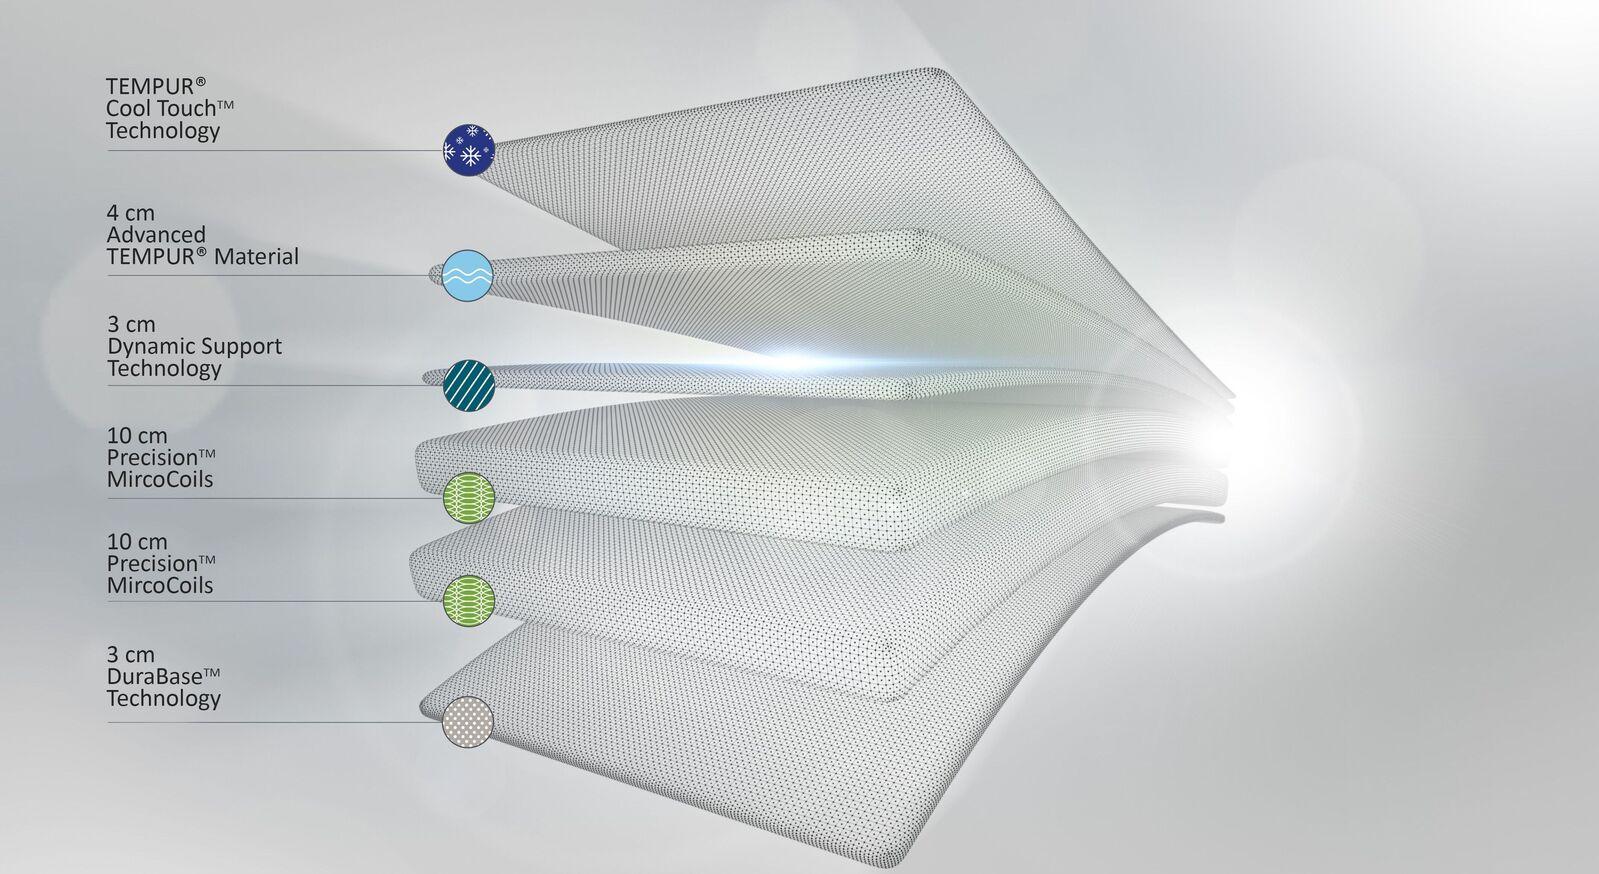 Einzelne Komponente der TEMPUR Taschenfederkern-Matratze Hybrid Luxe